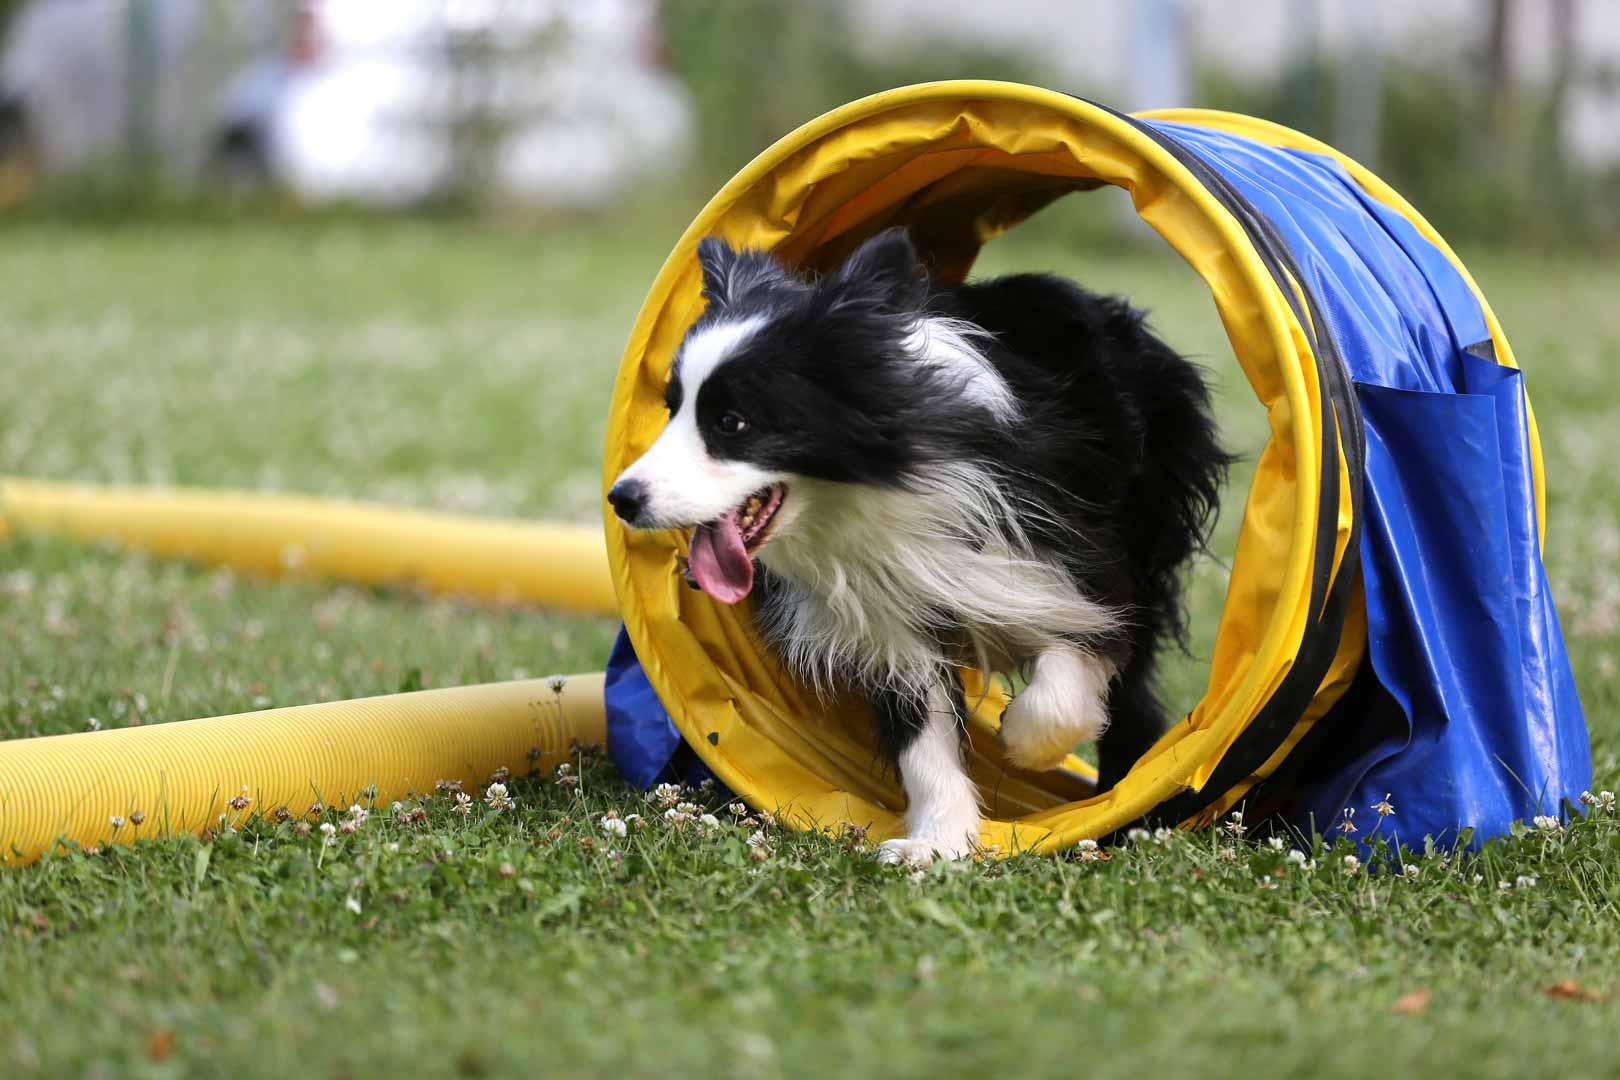 Gesund und fit im Hundesport bis ins hohe Alter! Das ist unser Ziel.